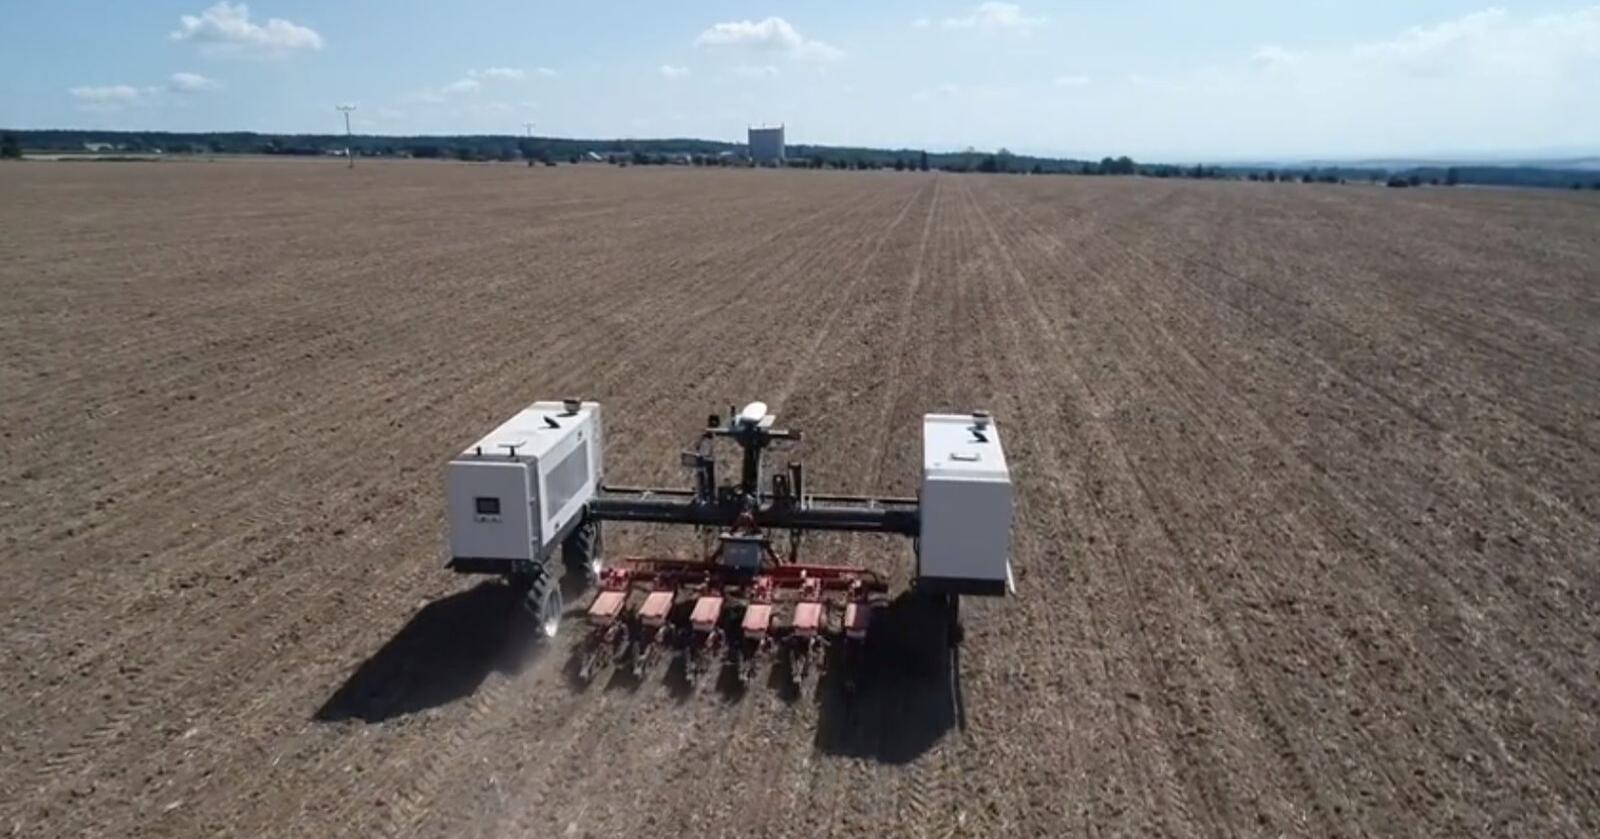 Robotti: Den selvkjørende landbruksroboten fra Agrointelli blir nå å få kjøpt med Pöttinger redskaper.  Skjermdump fra video av demosåing av raps i Tsjekkia.